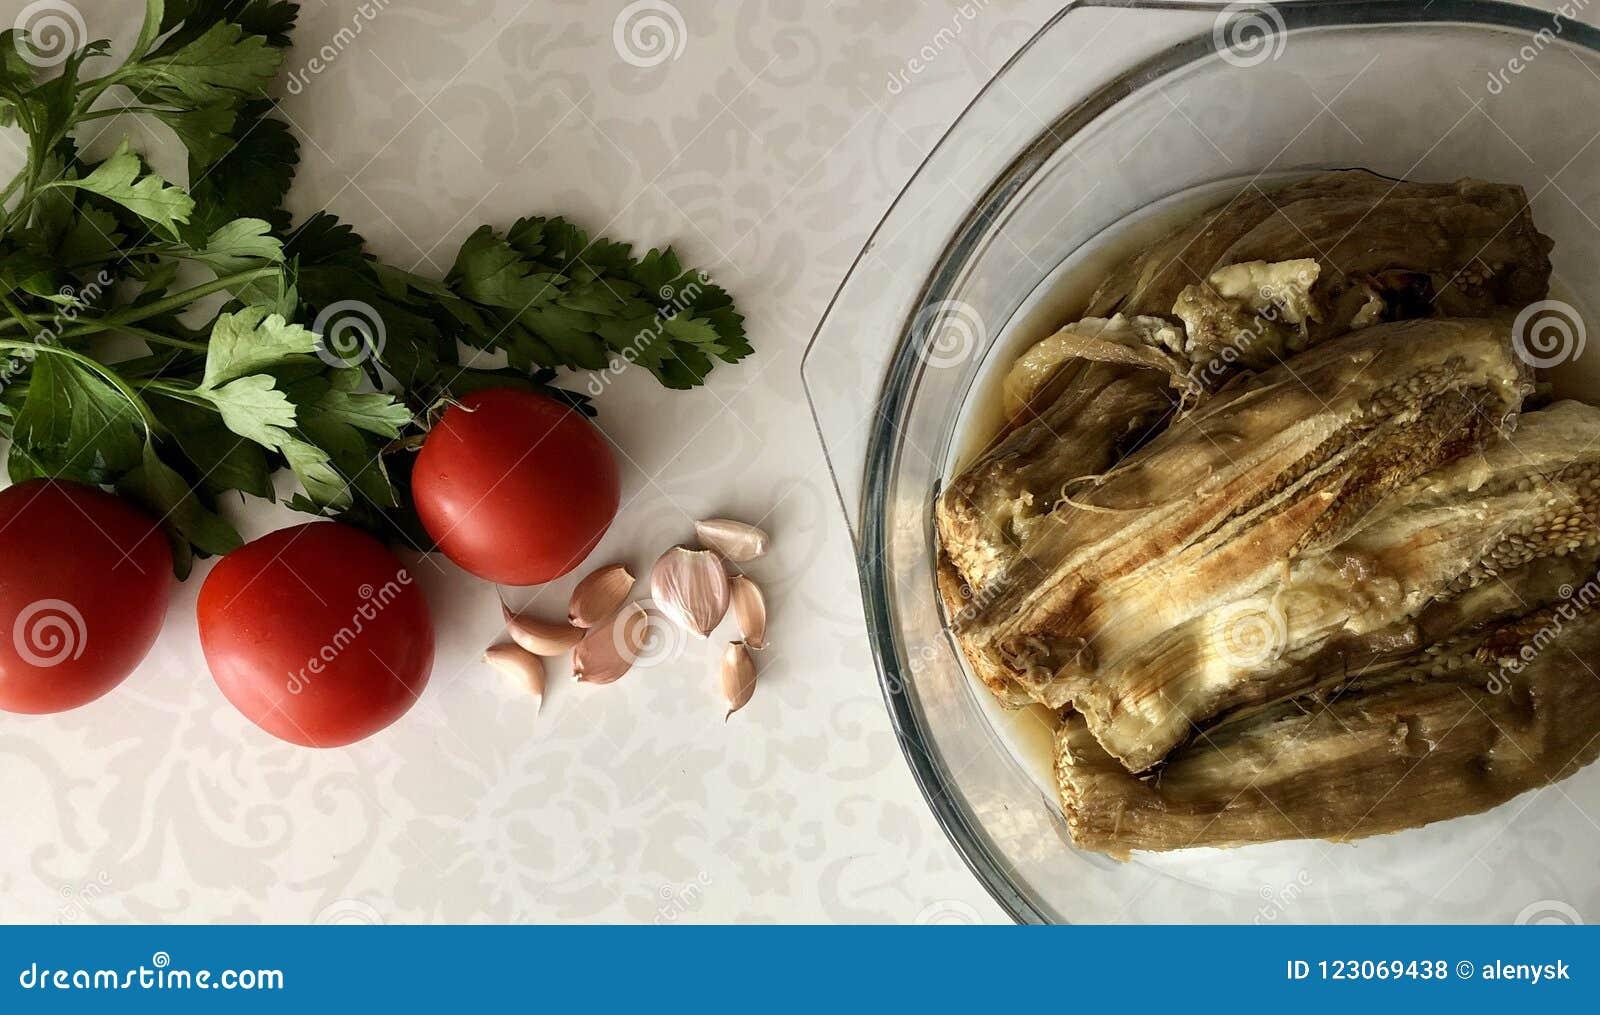 Οι ψημένες μελιτζάνες σε ένα γυαλί κυλούν, φρέσκες ντομάτες, greem μαϊντανός και σκόρδο